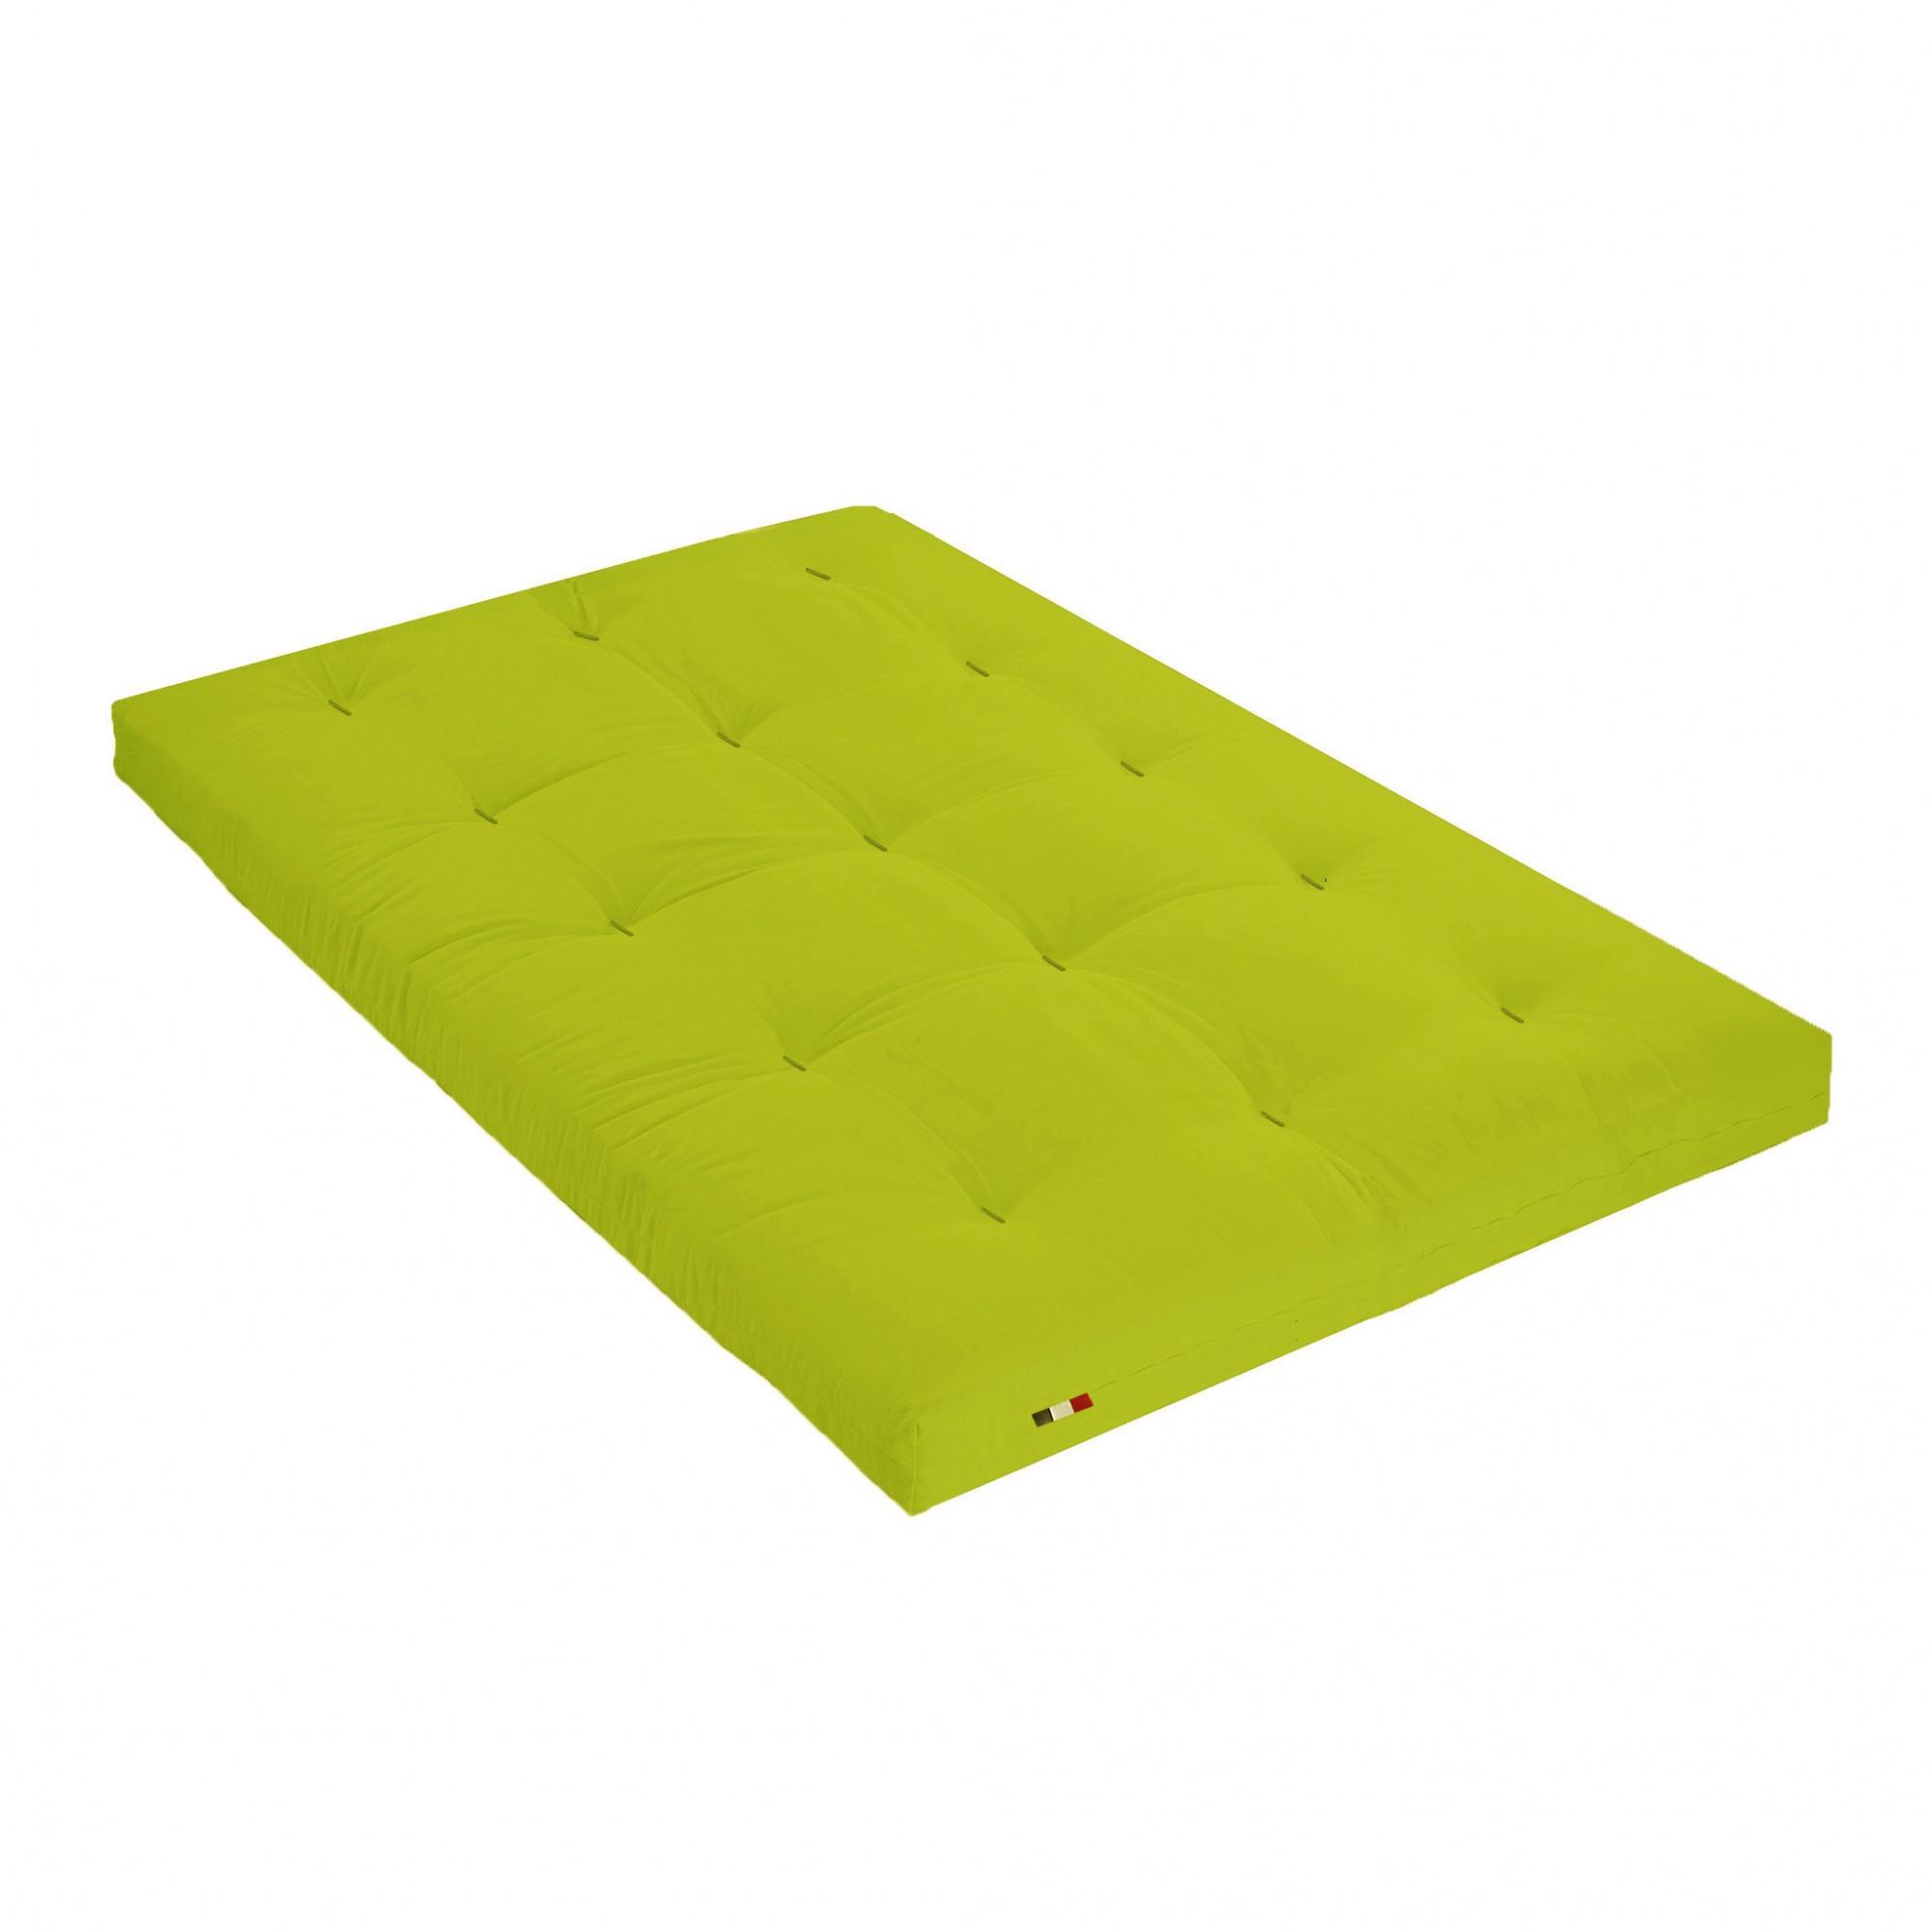 Matelas futon latex couleur pistache 160x200